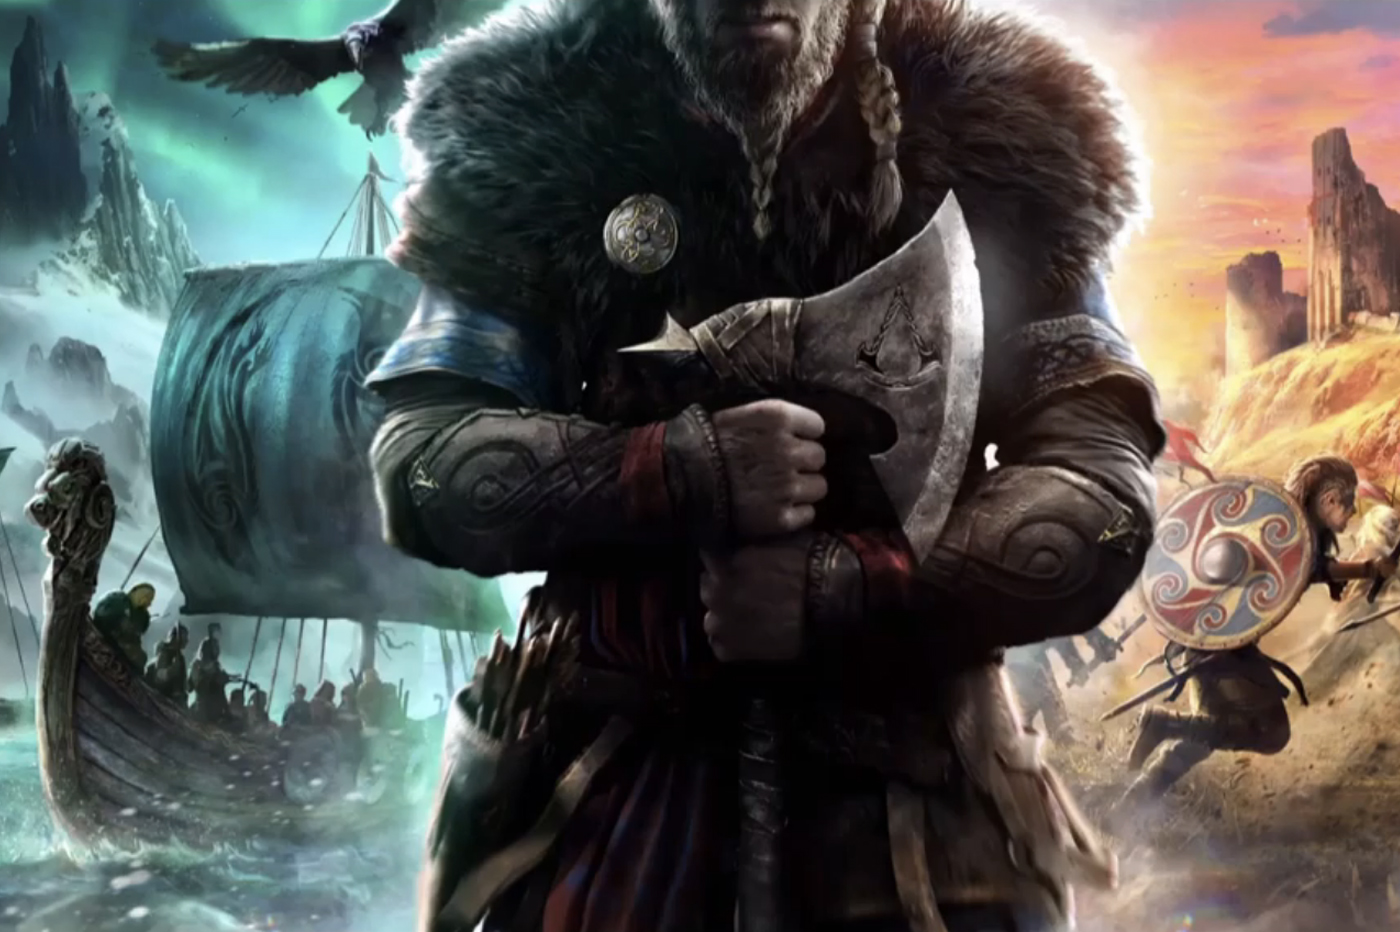 Assassin's Creed Vahlalla